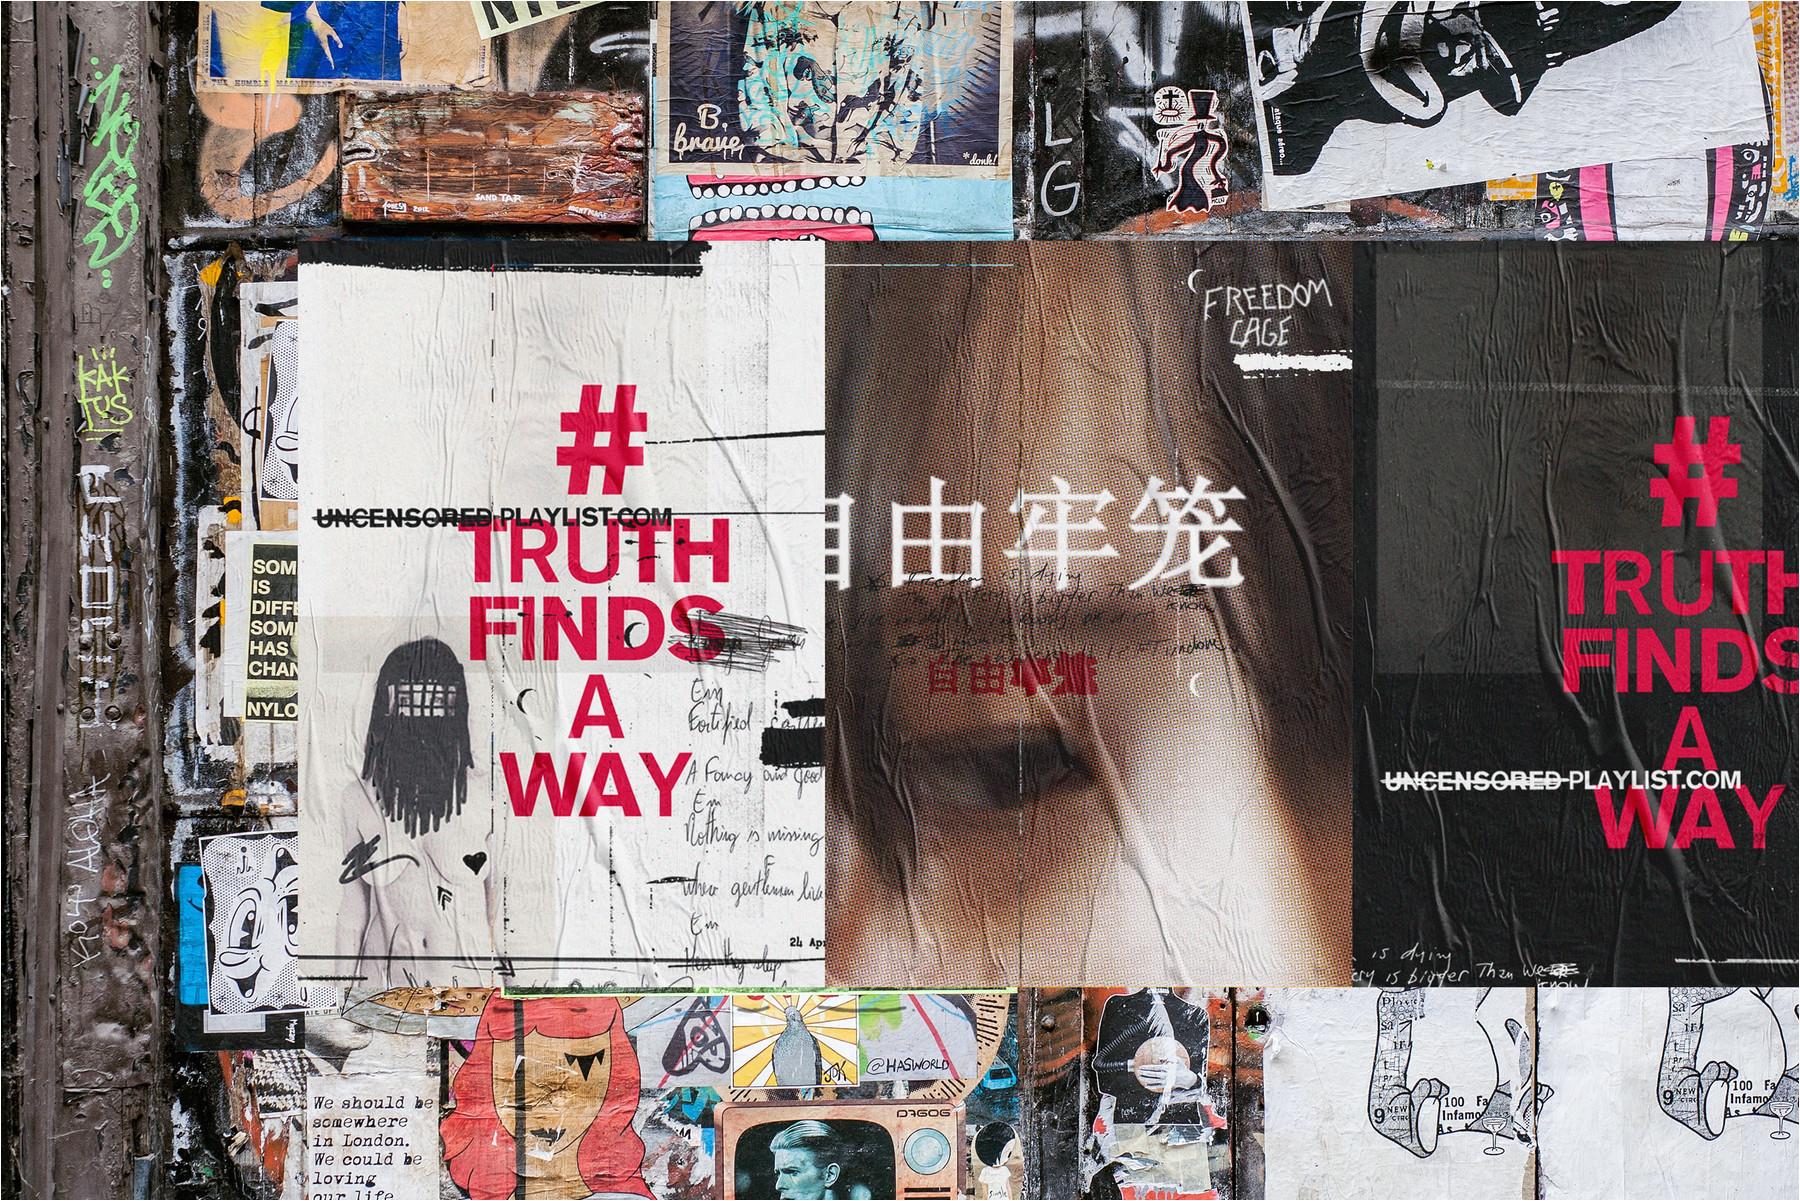 pressefreiheit uncensored playlist